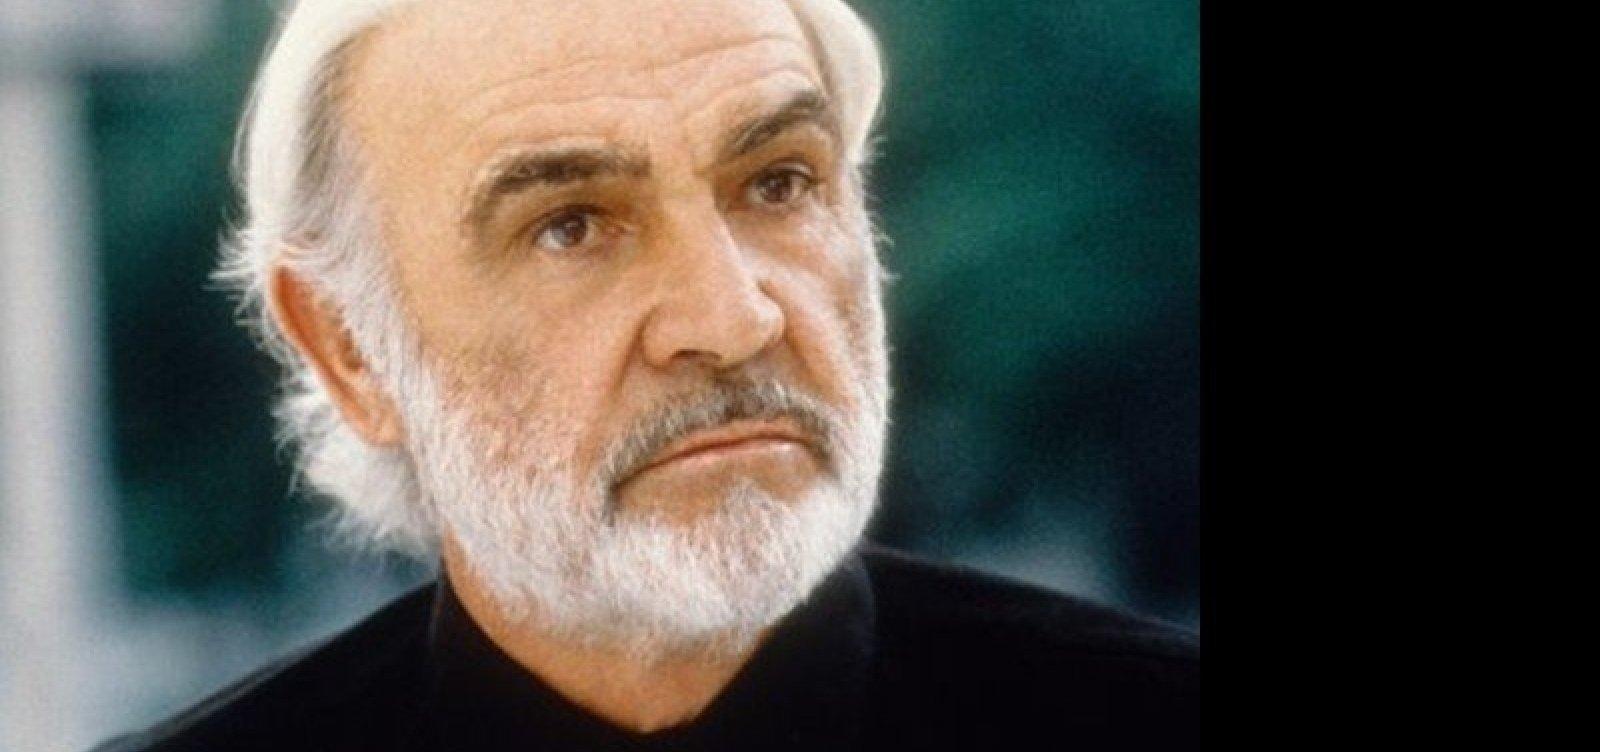 [Famoso por interpretar James Bond, ator Sean Connery morre aos 90 anos]